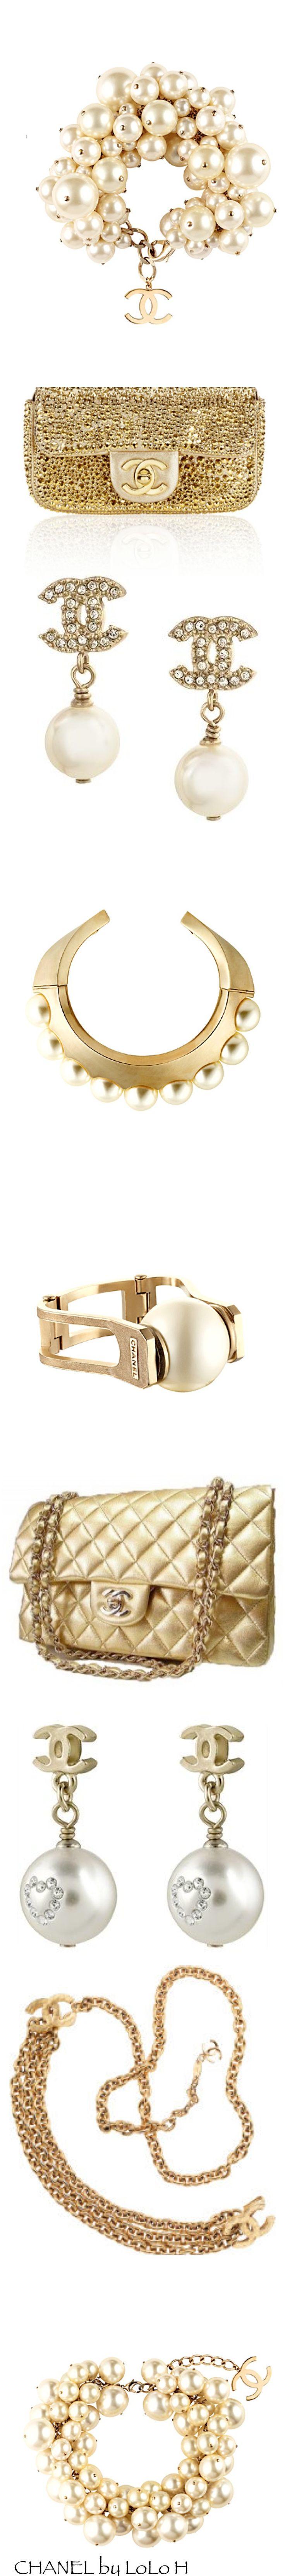 Golden & Golden Chanel  http://meikkibeibi.blogspot.fi